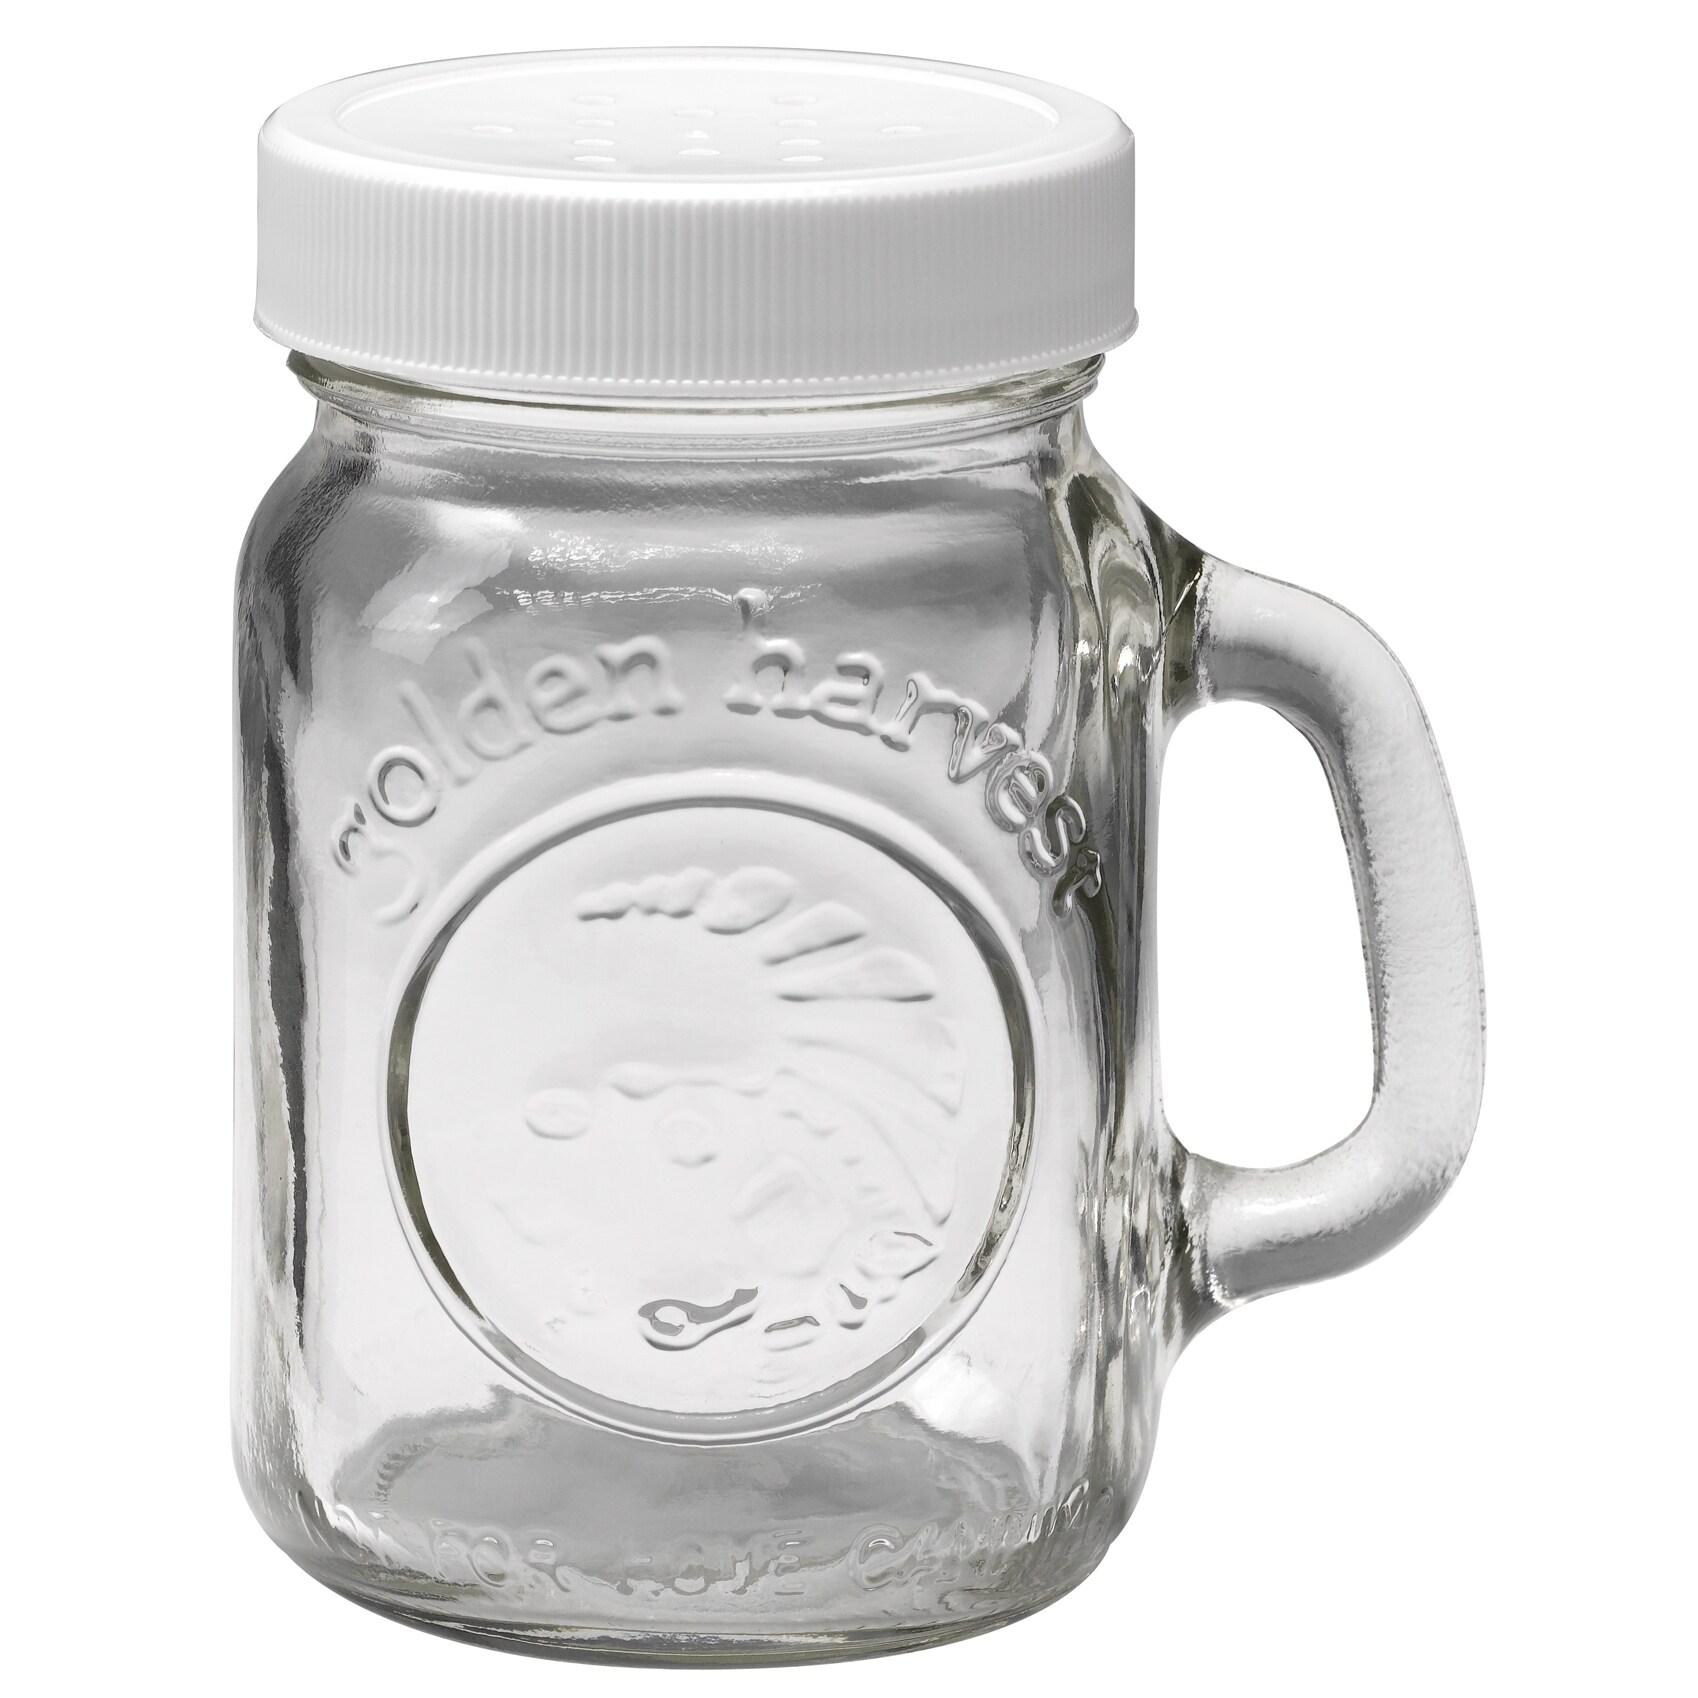 GOLDEN ARTIST COLORS Harvest 40501 4 Oz Glass Salt Or Pep...